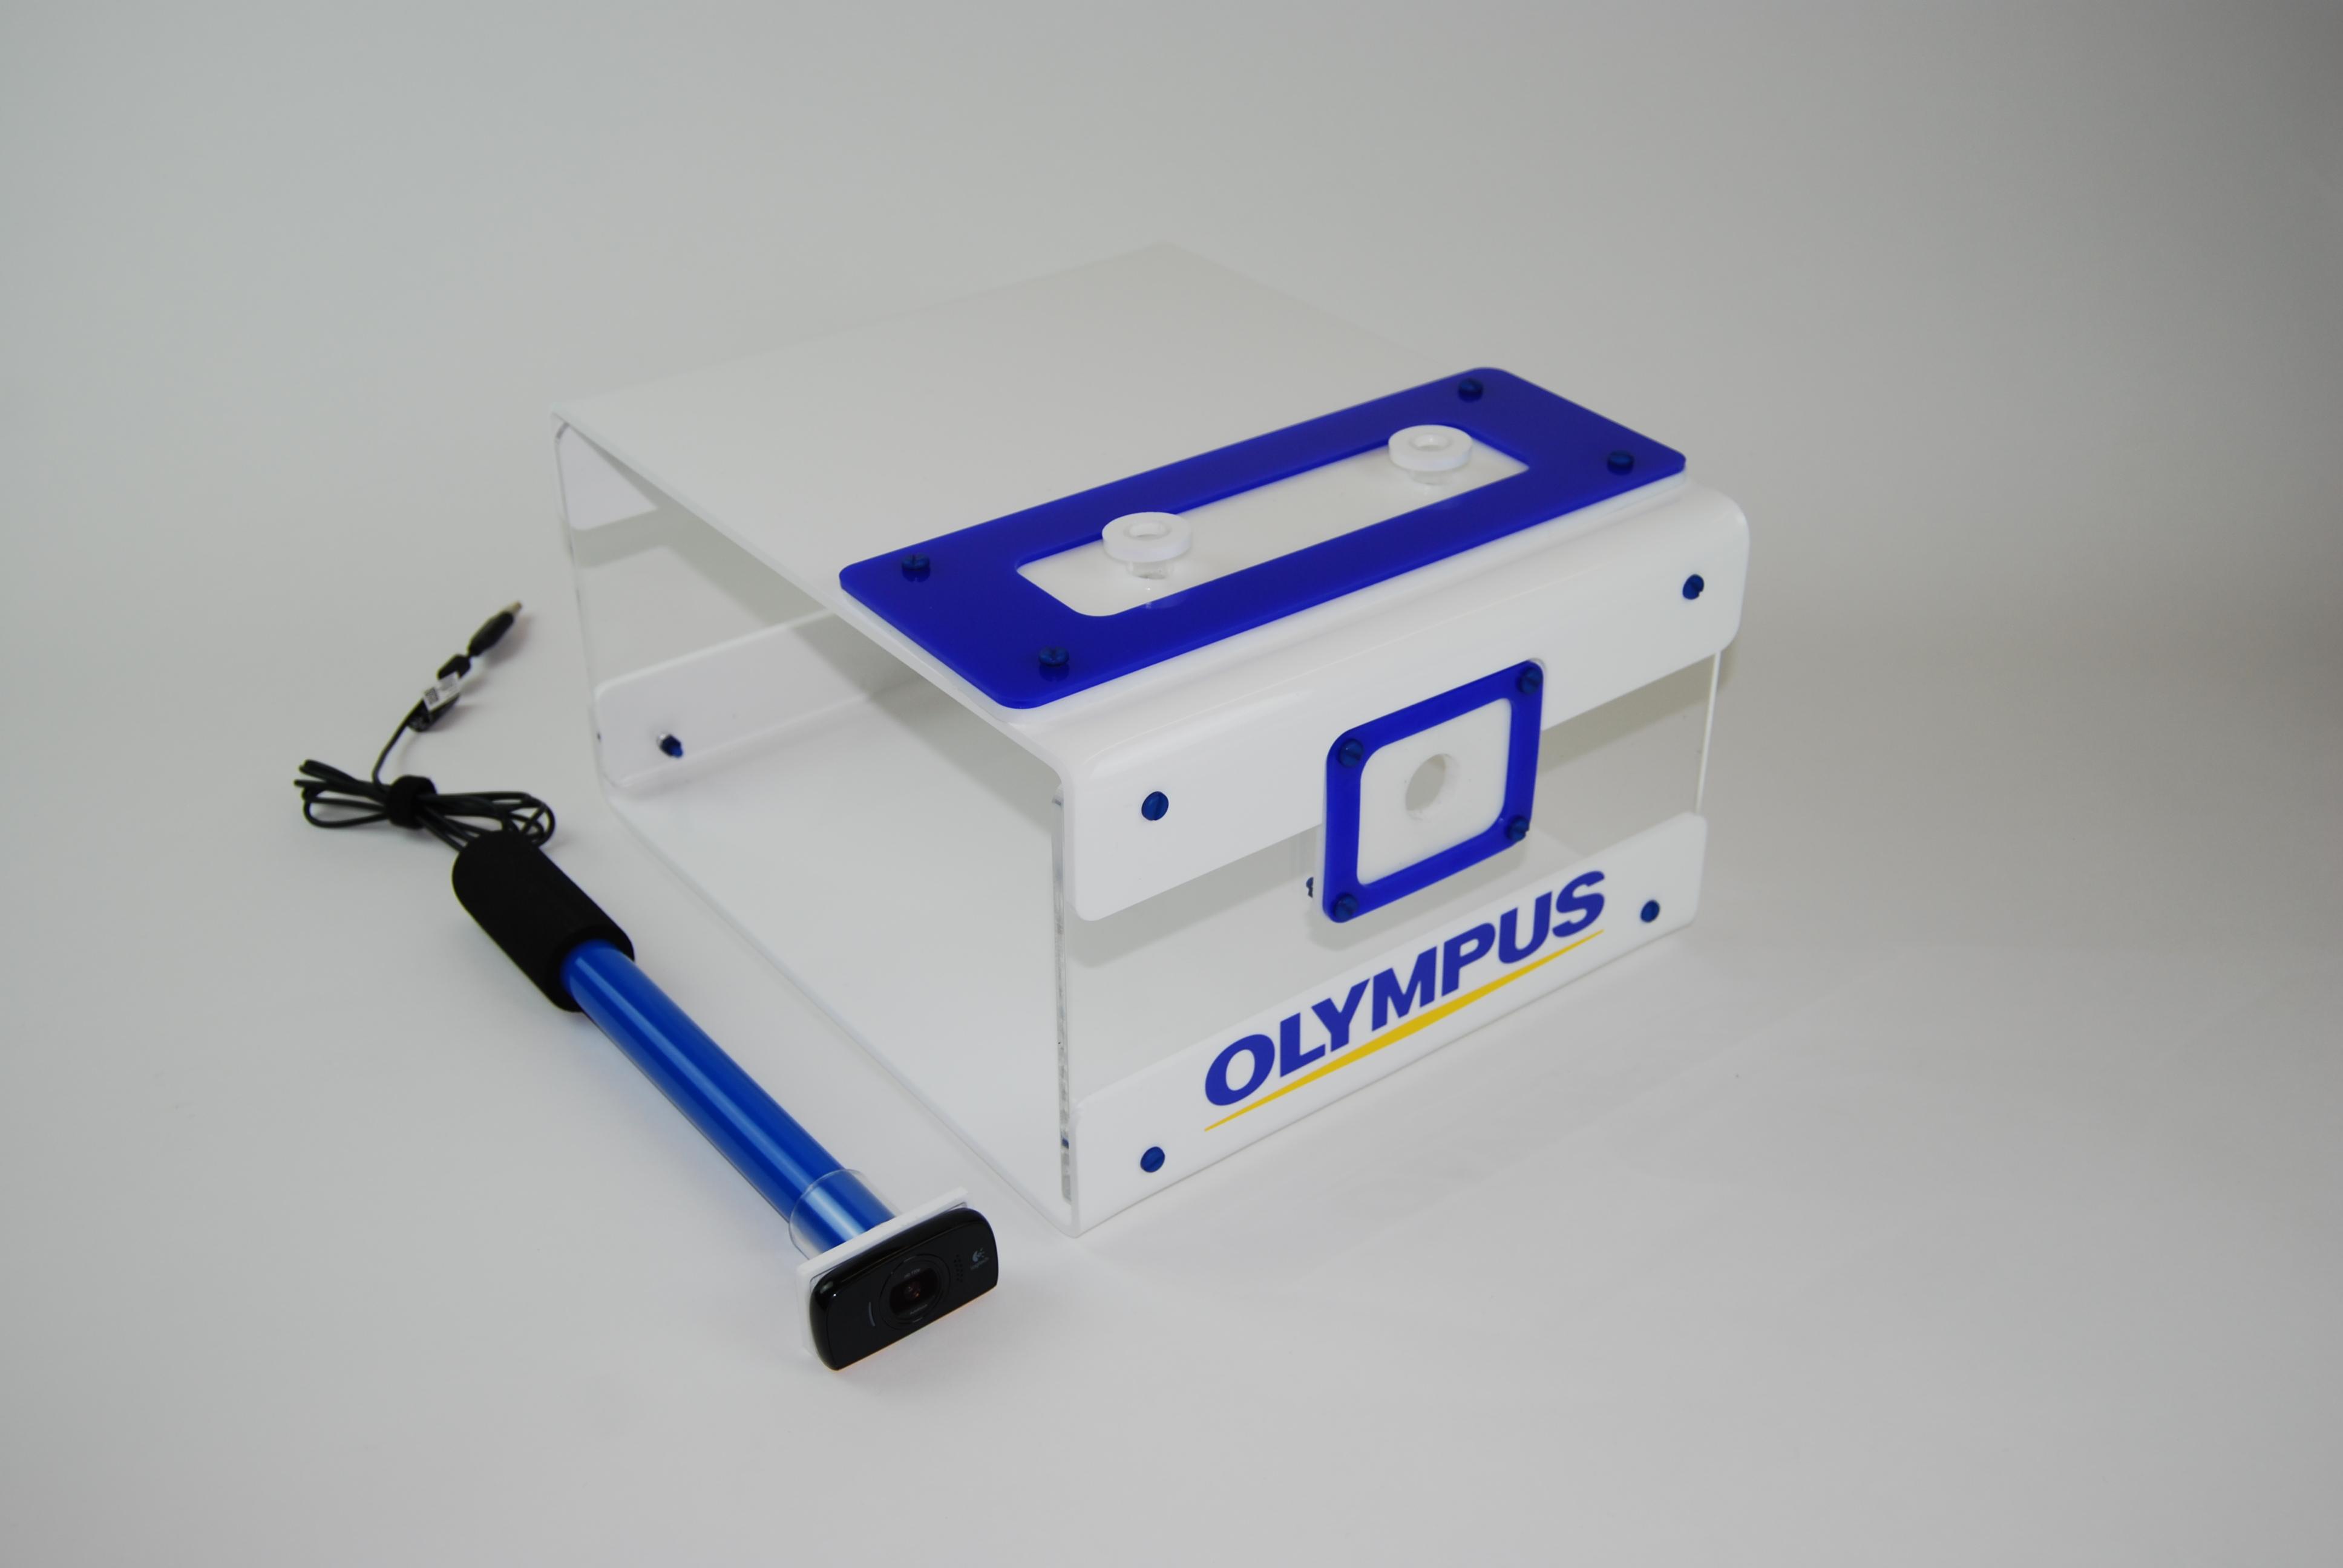 Olympus Laparoscopic Simulator